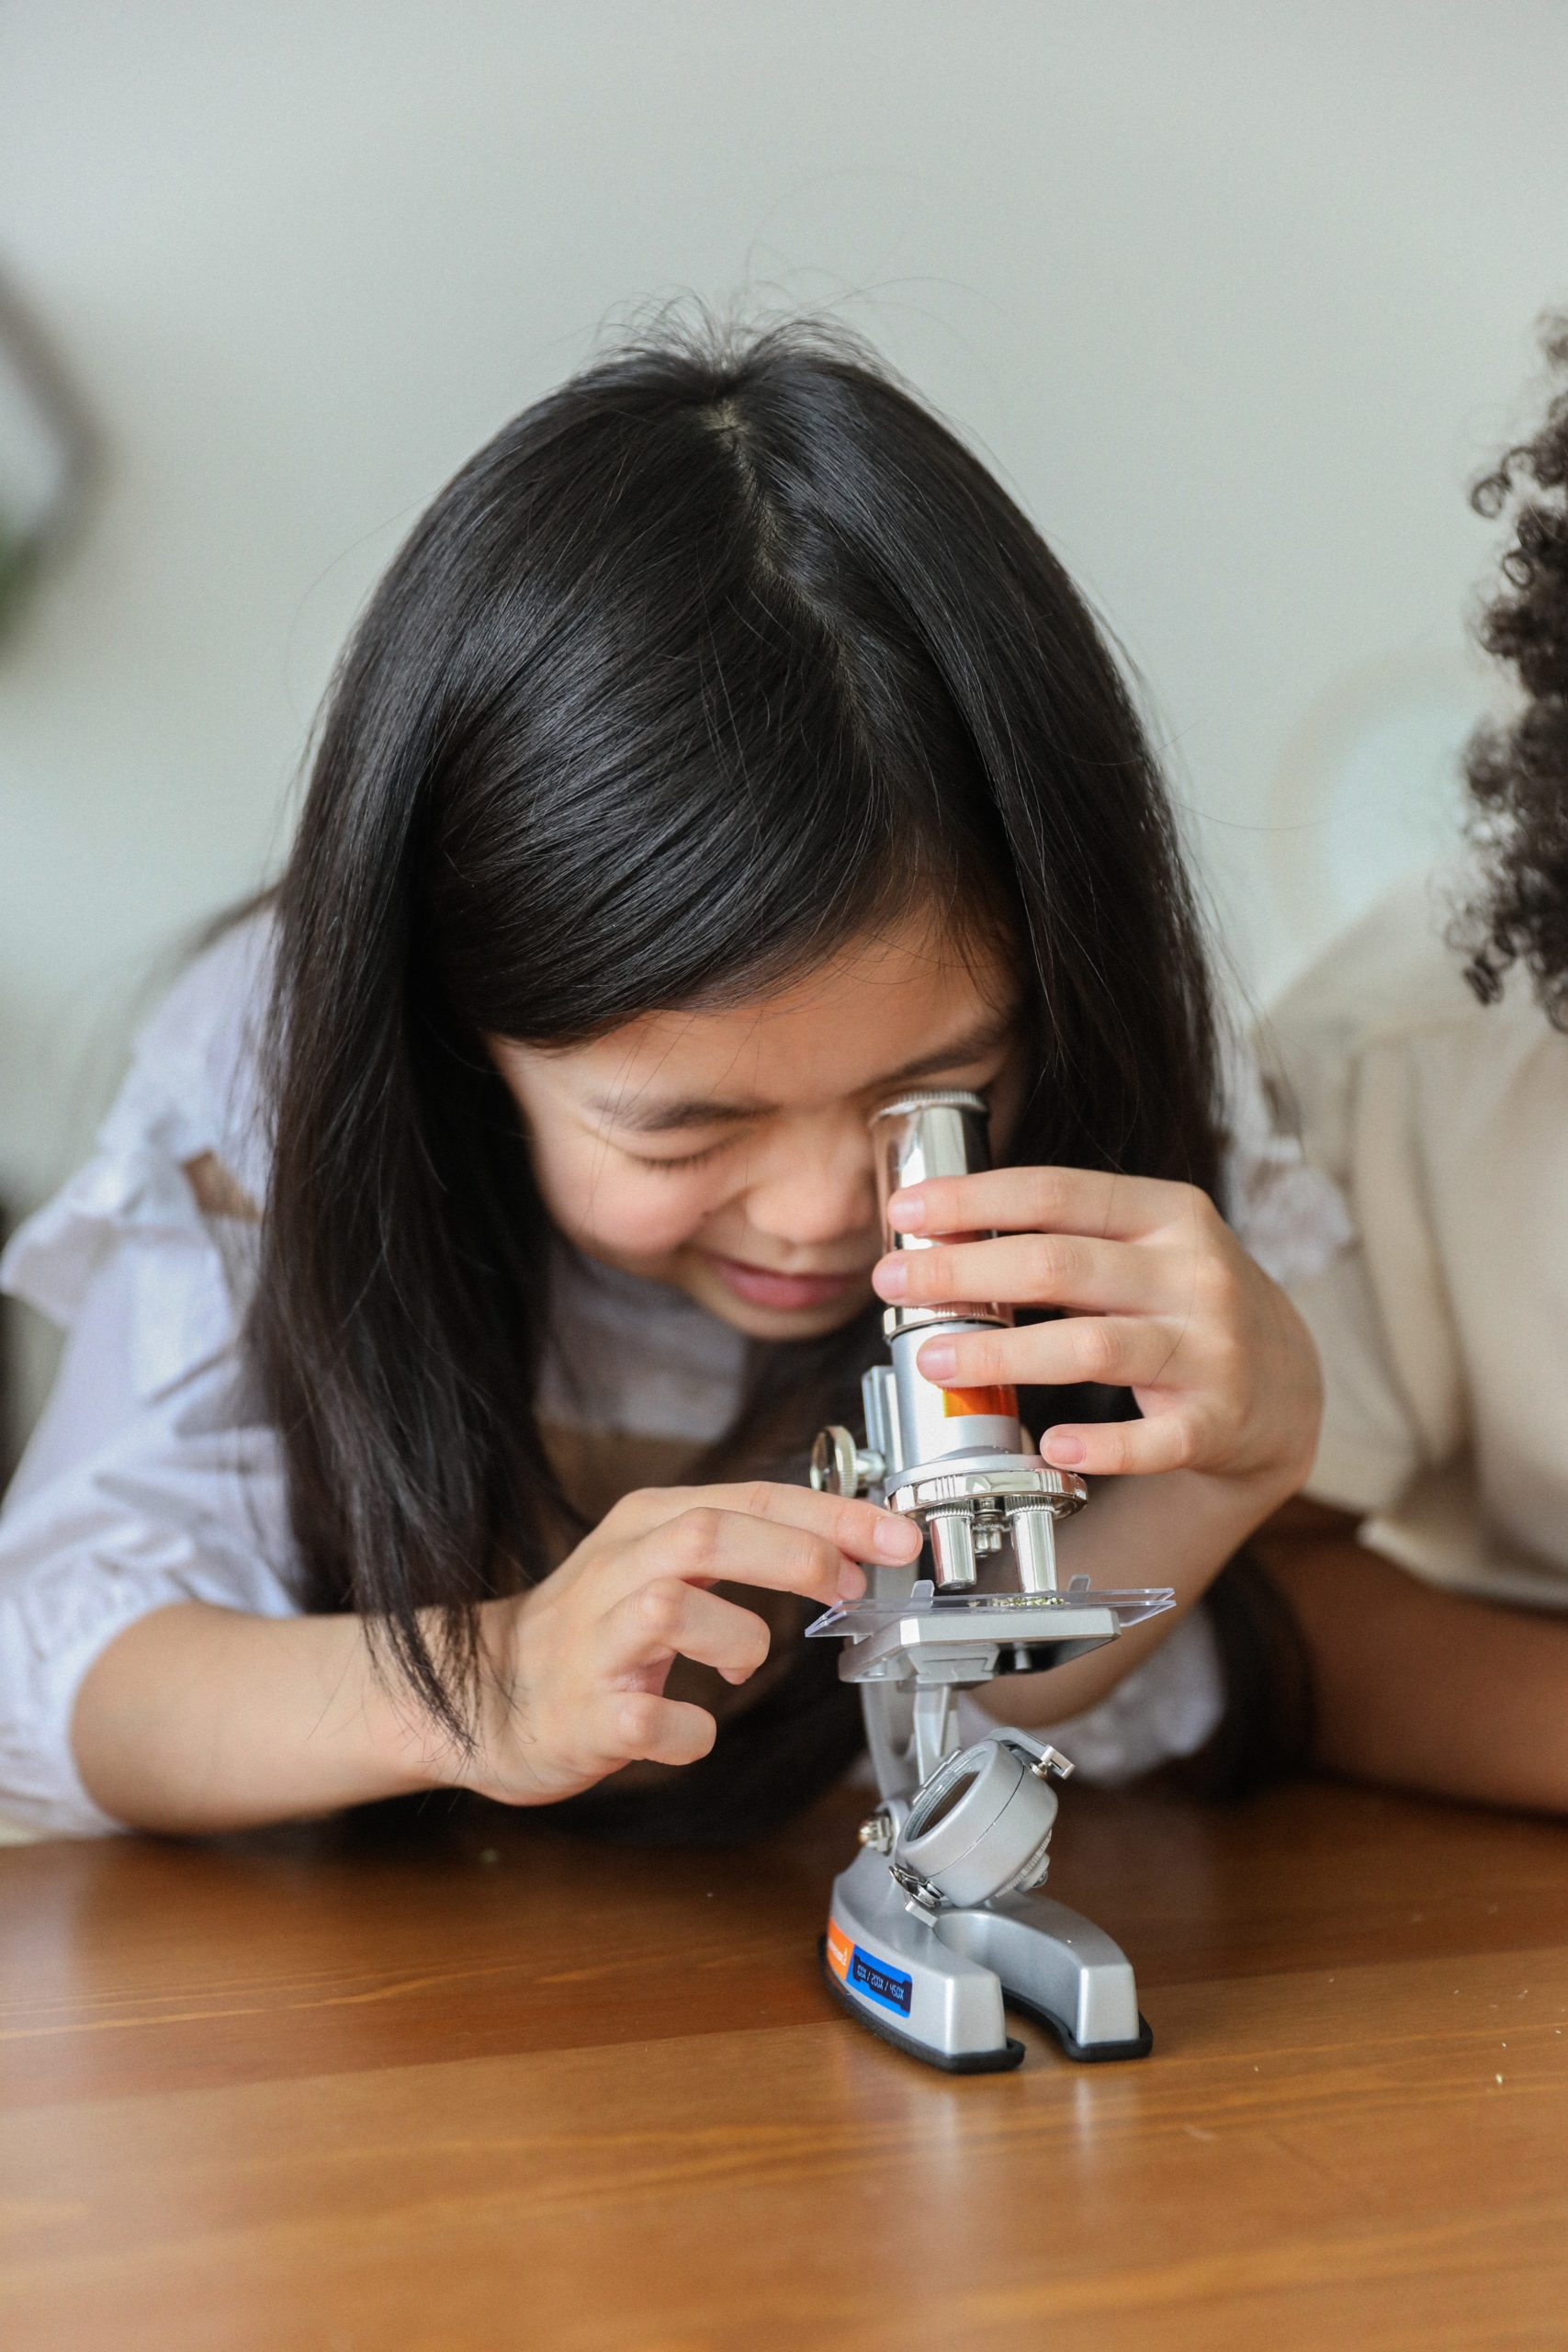 Les sciences sont abordées par des expériences concrètes que l'enfant pourra faire seul et à volonté.